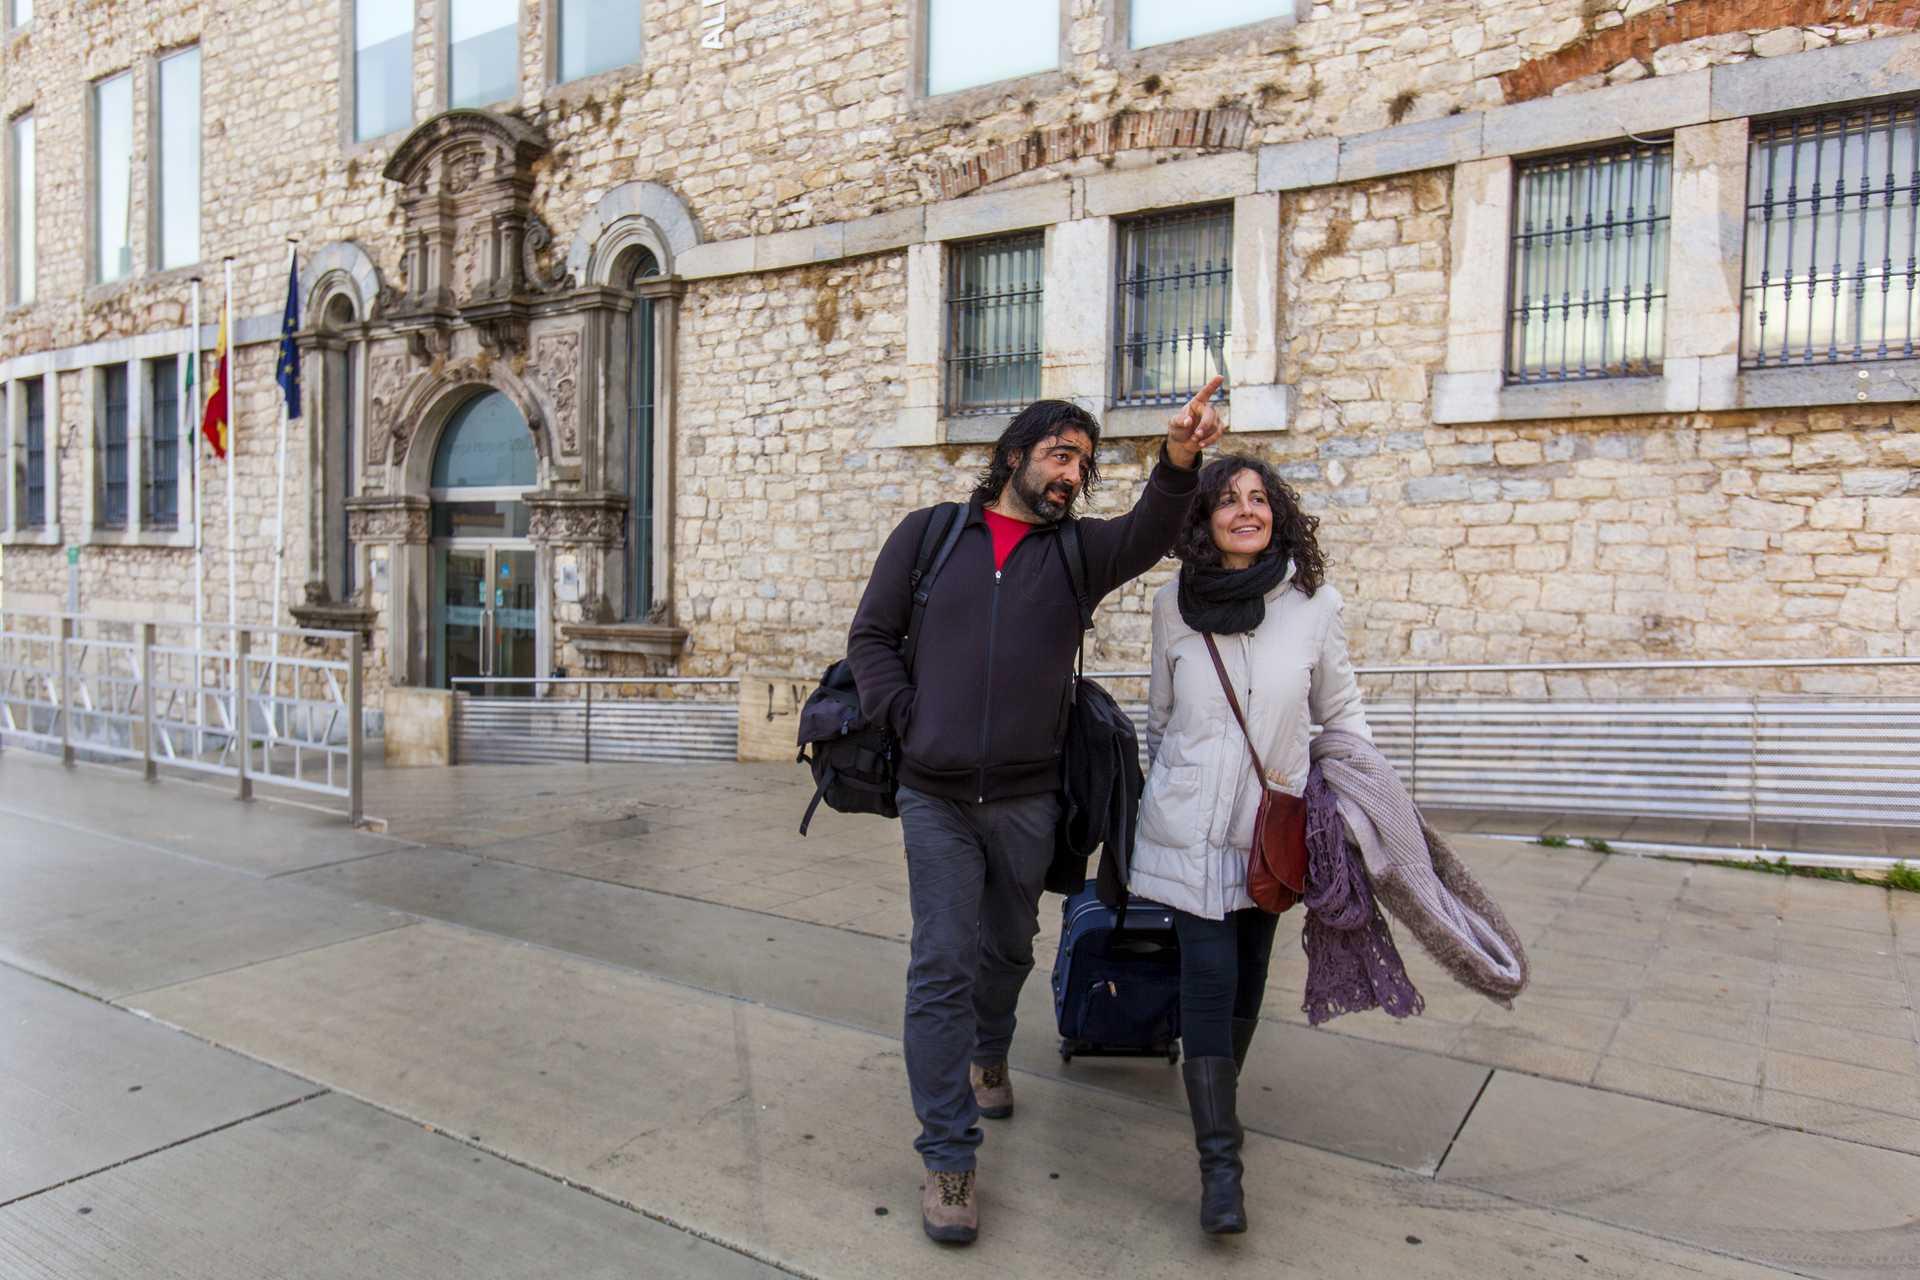 Spanischschulen für Ausländer